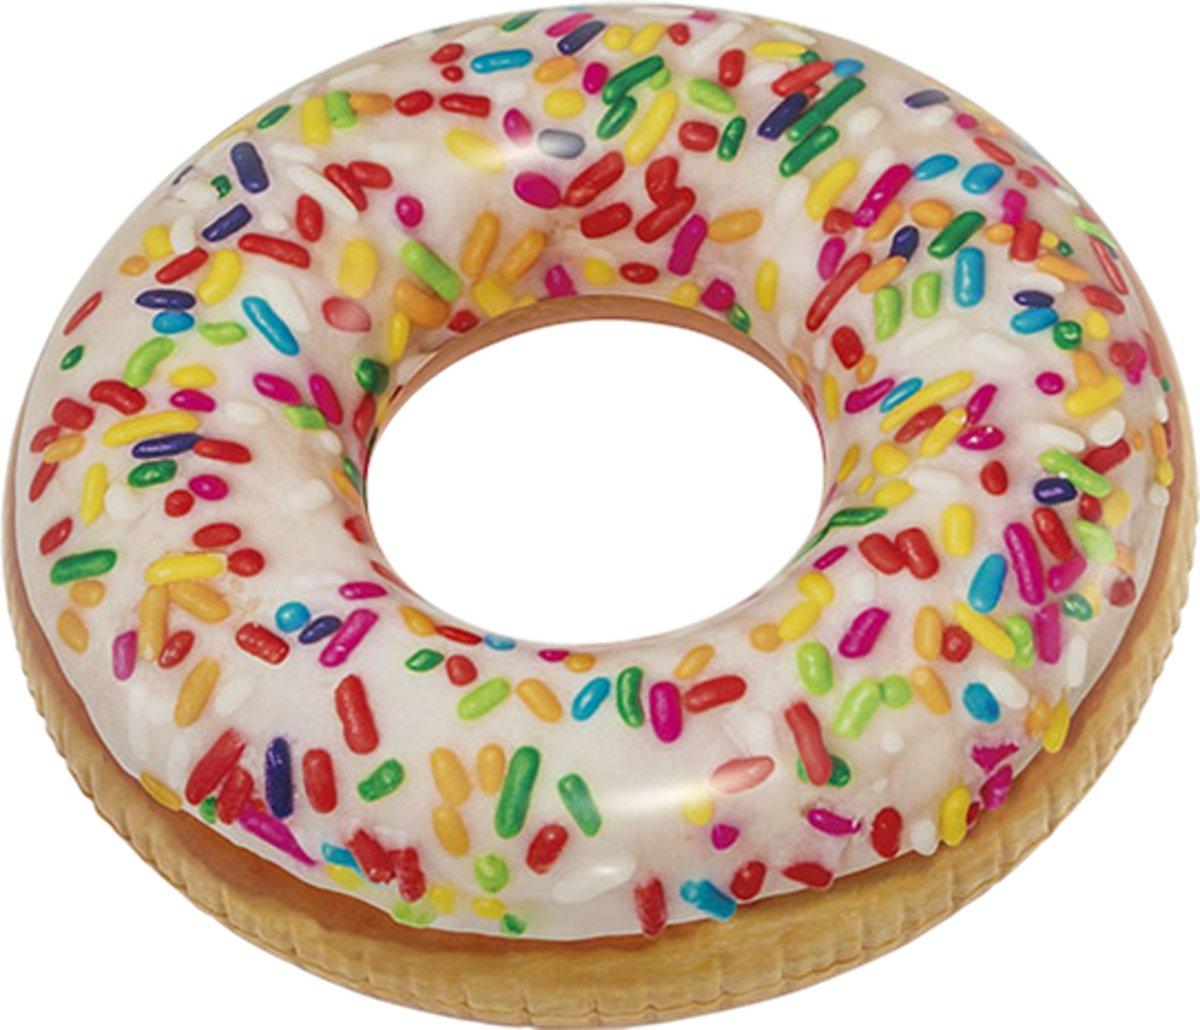 Intex Sprinkler donut tube